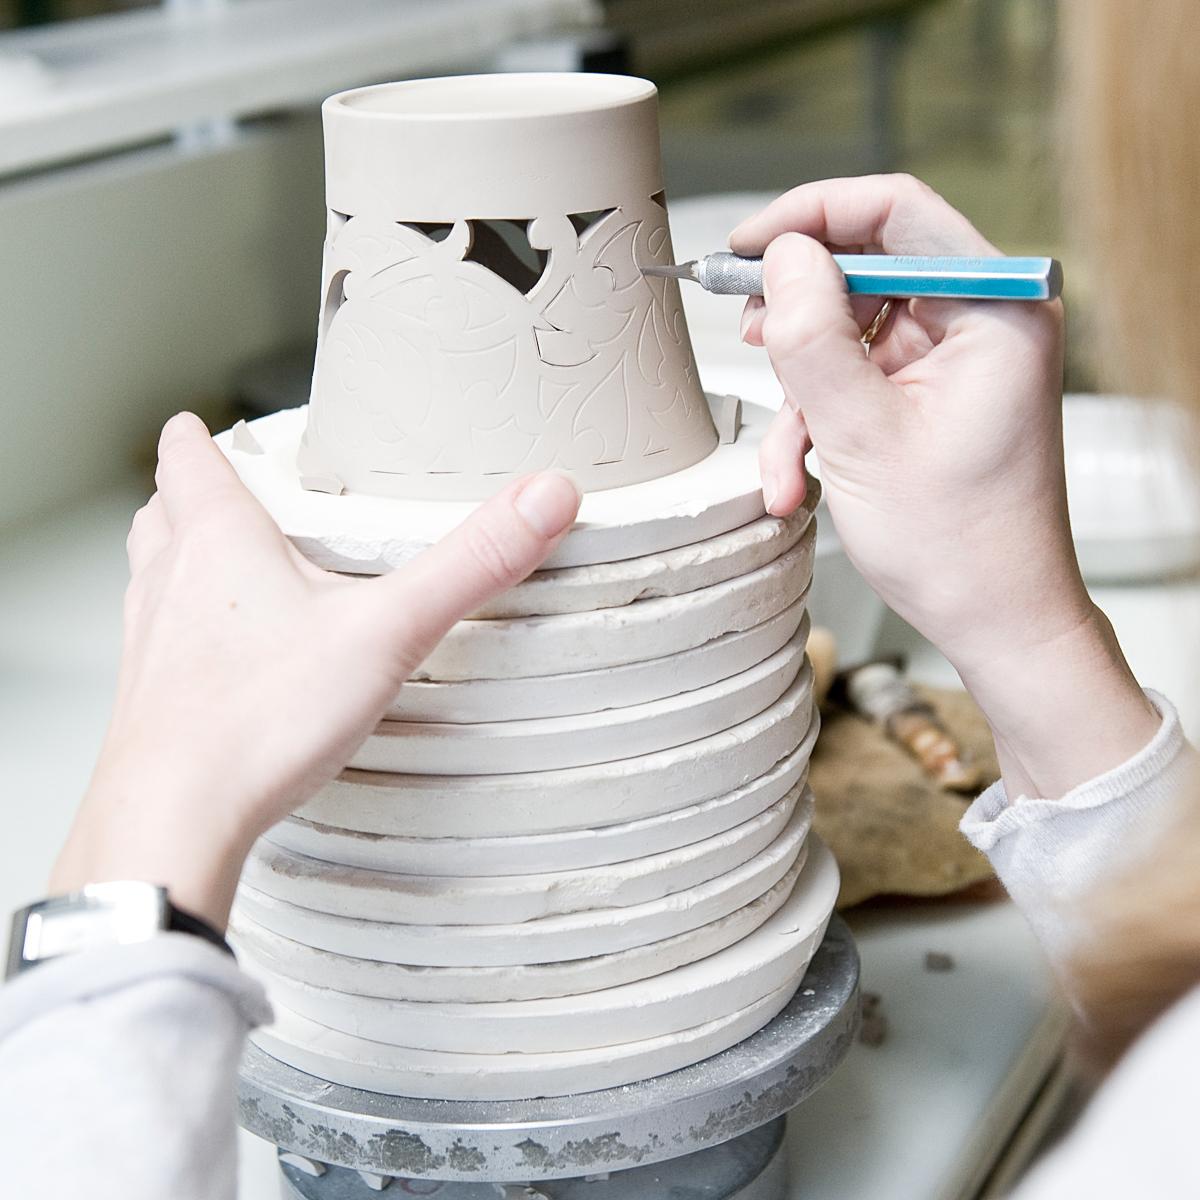 Königliche Porzellan Manufaktur Berlin